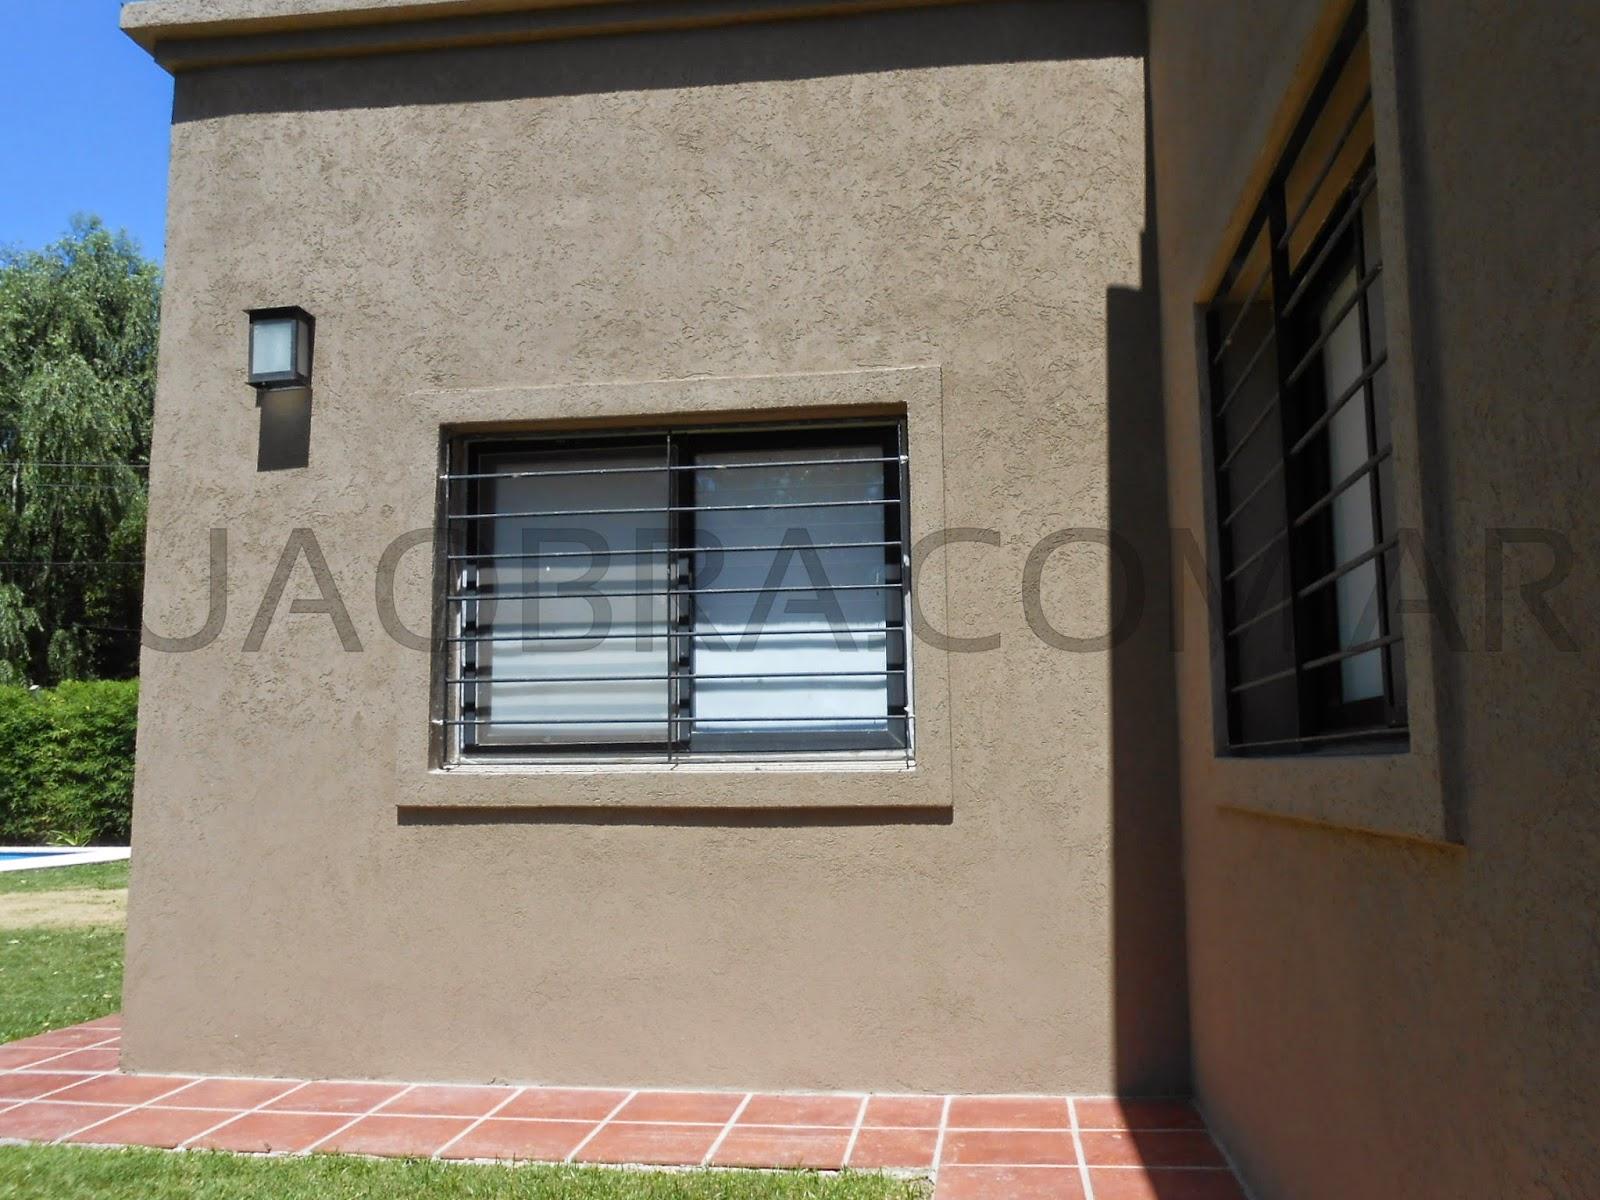 Aplicacion de revestimiento plastico para paredes exteriores tipo tarquini color zona norte - Tipos de revestimientos exteriores ...